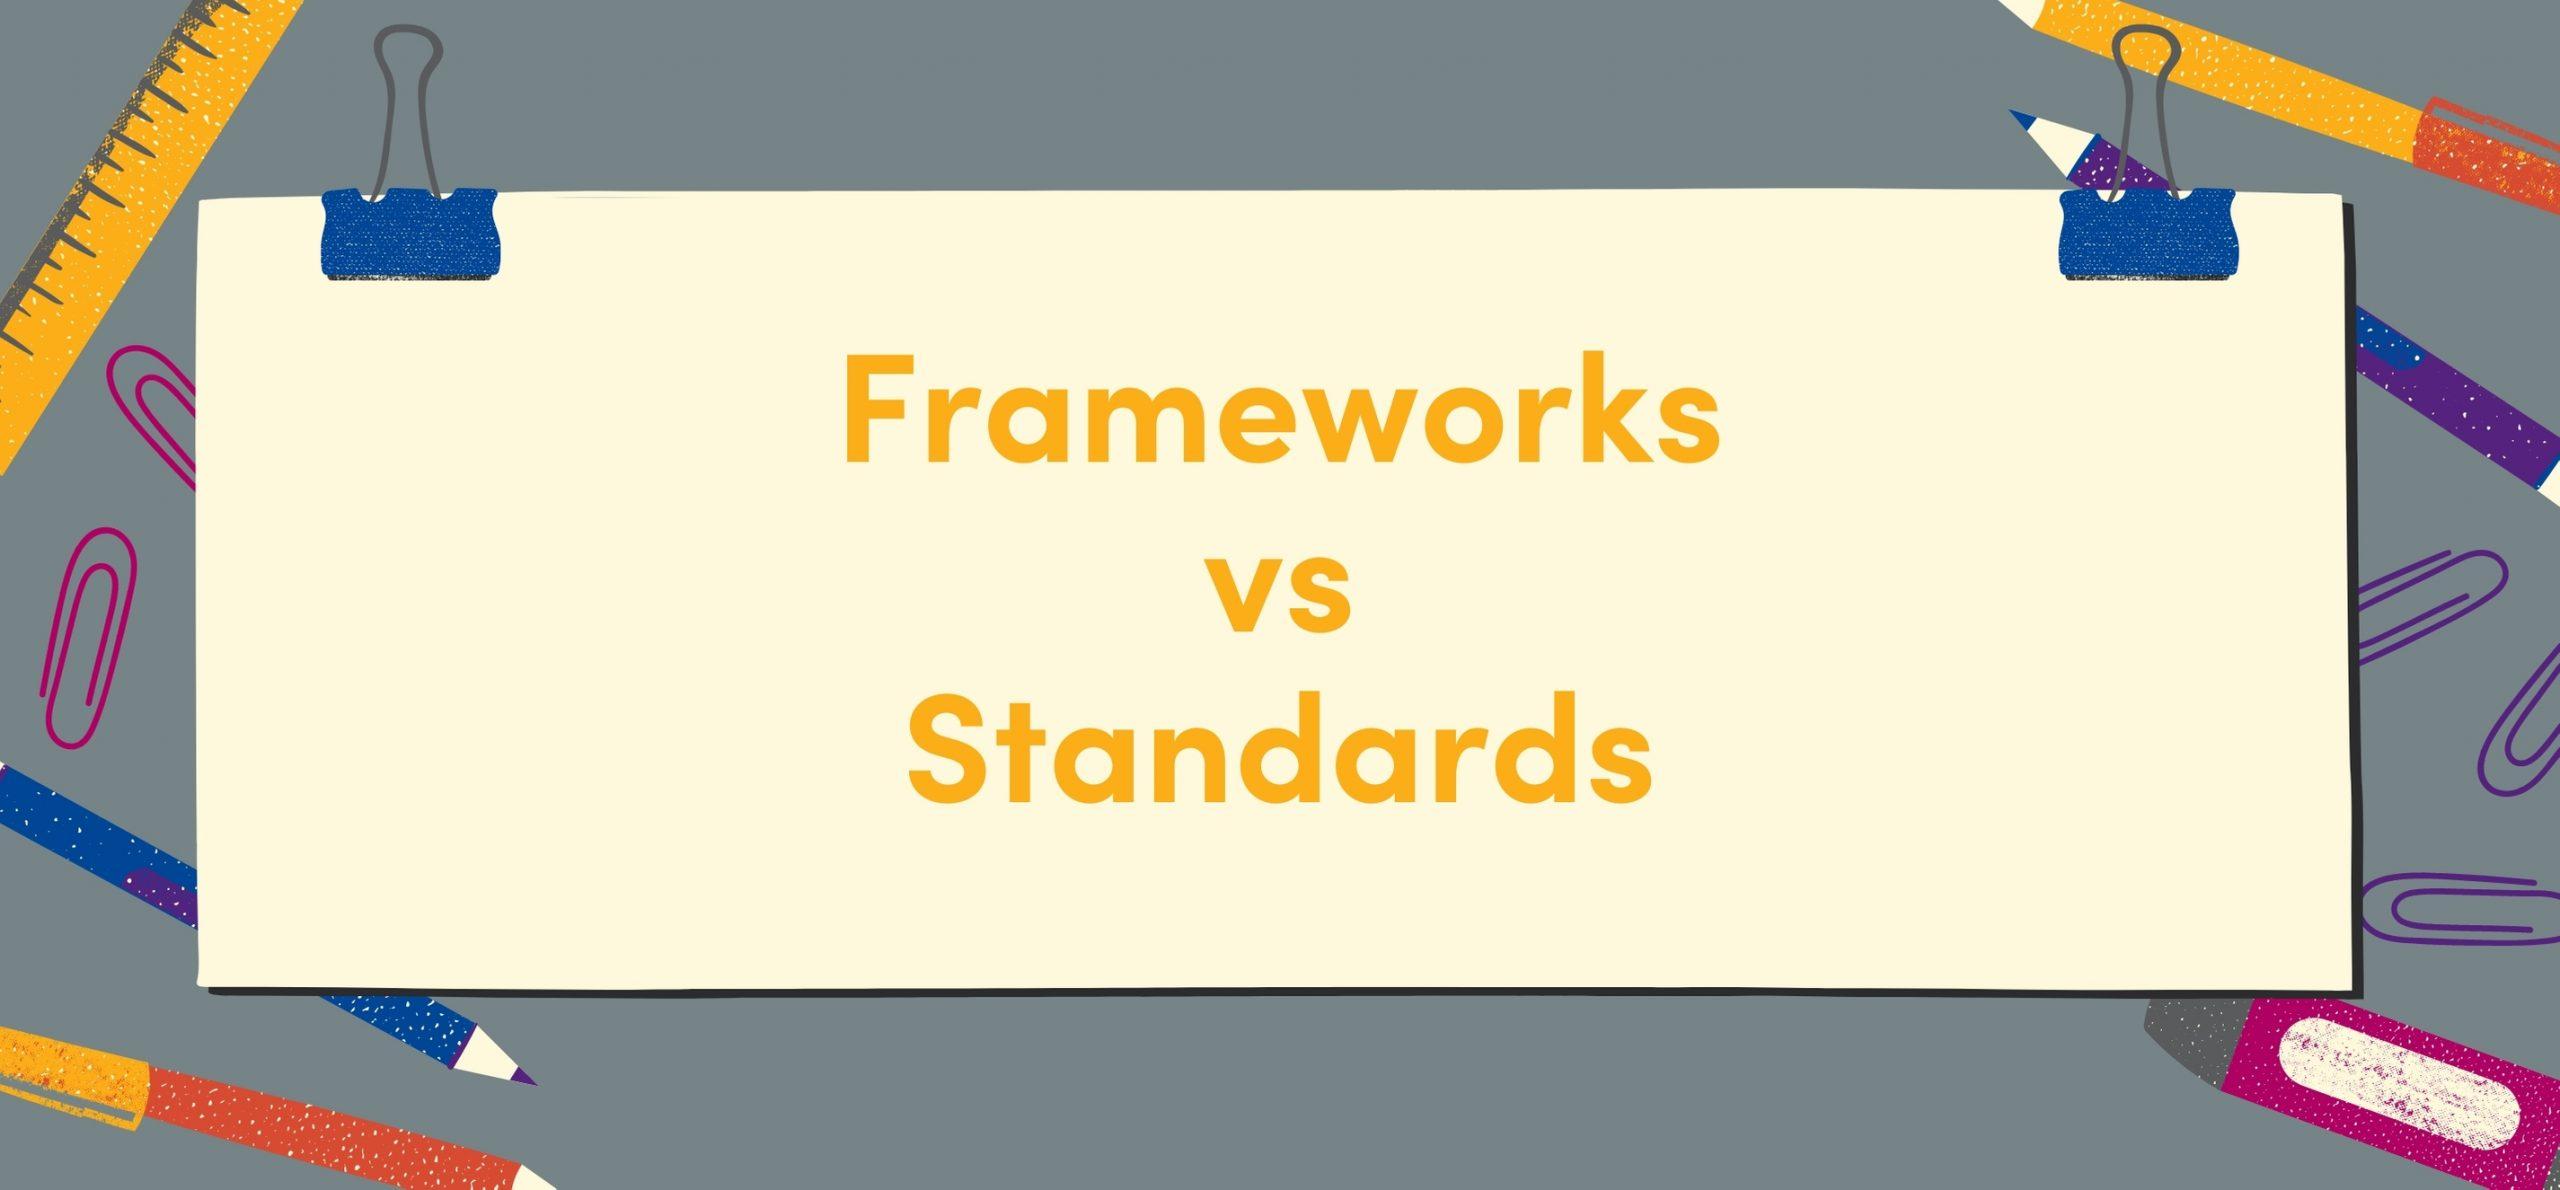 Frameworks vs Standards